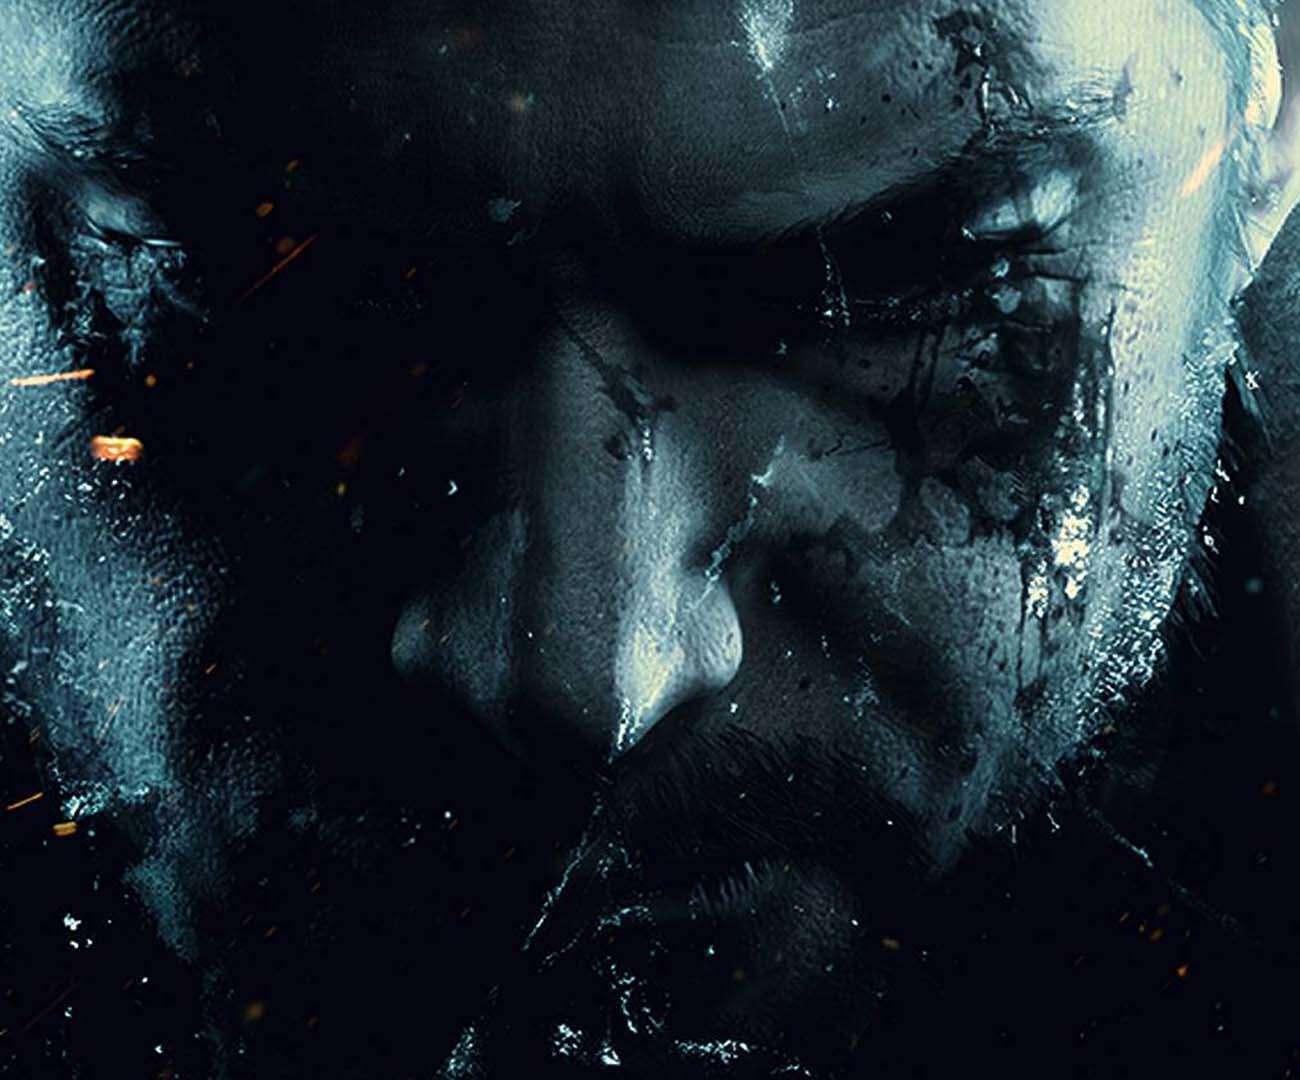 Tajemnicza grafika z Resident Evil Village pojawiła się na Steam